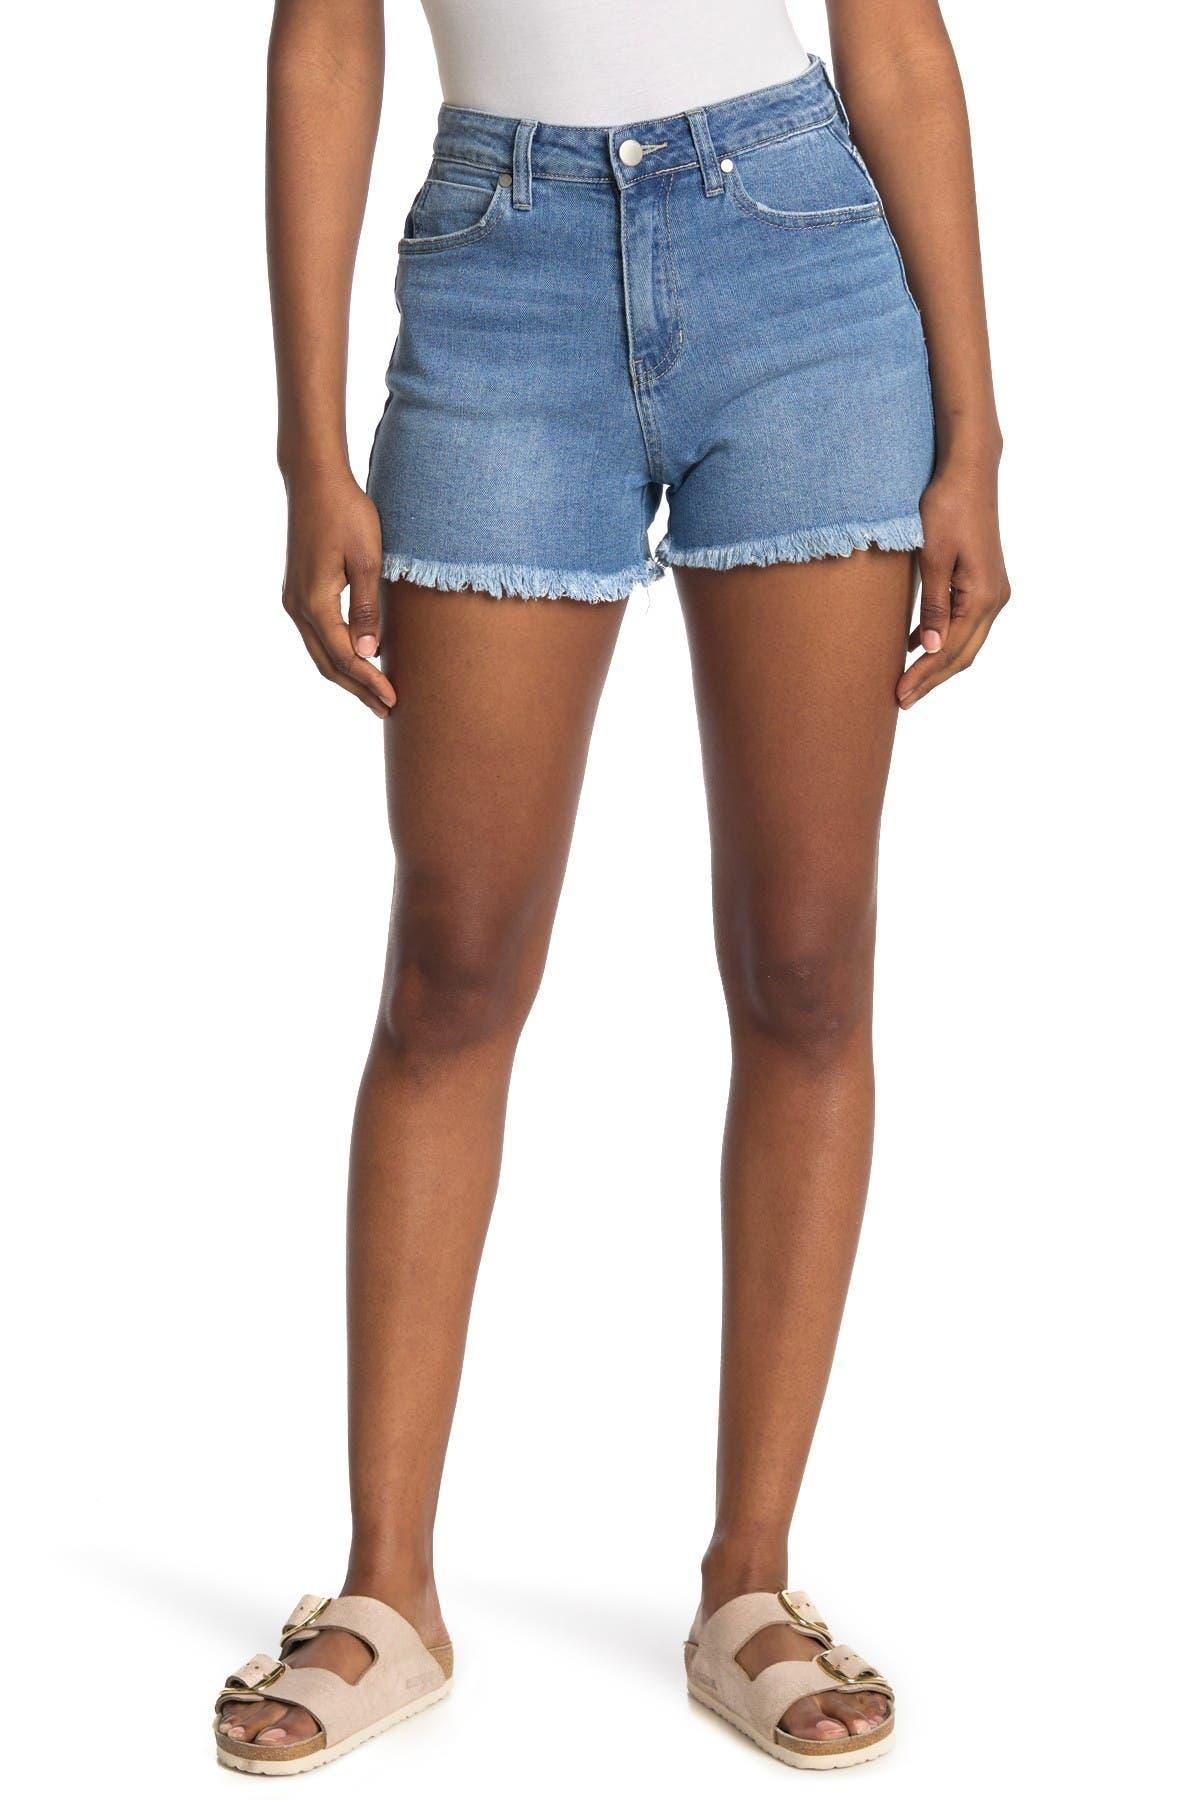 Image of Abound Fray Hemmed Sustainable Denim Shorts